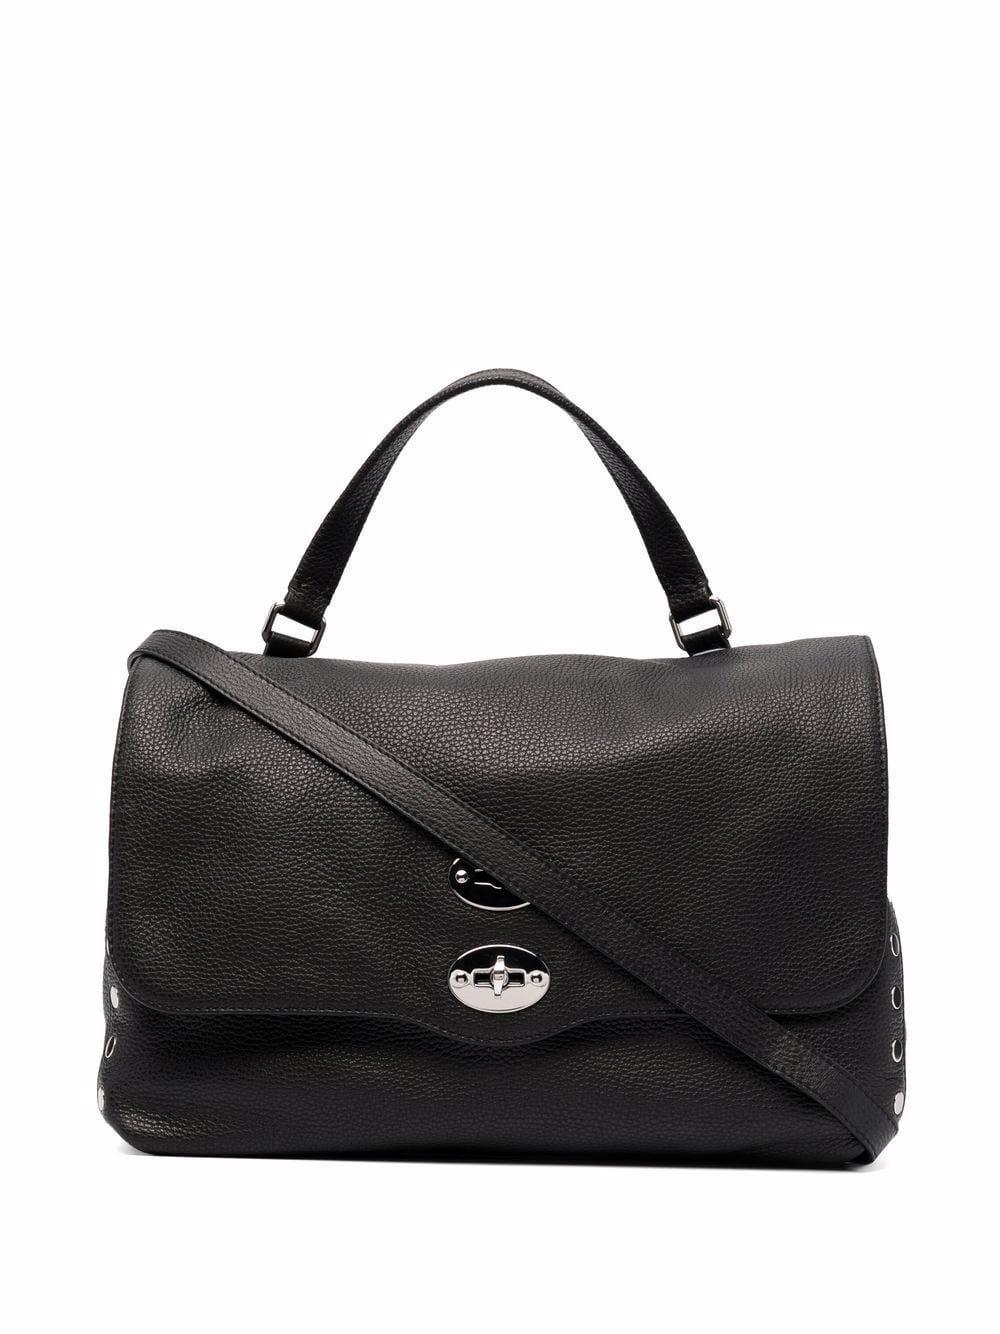 Postina leather handbag